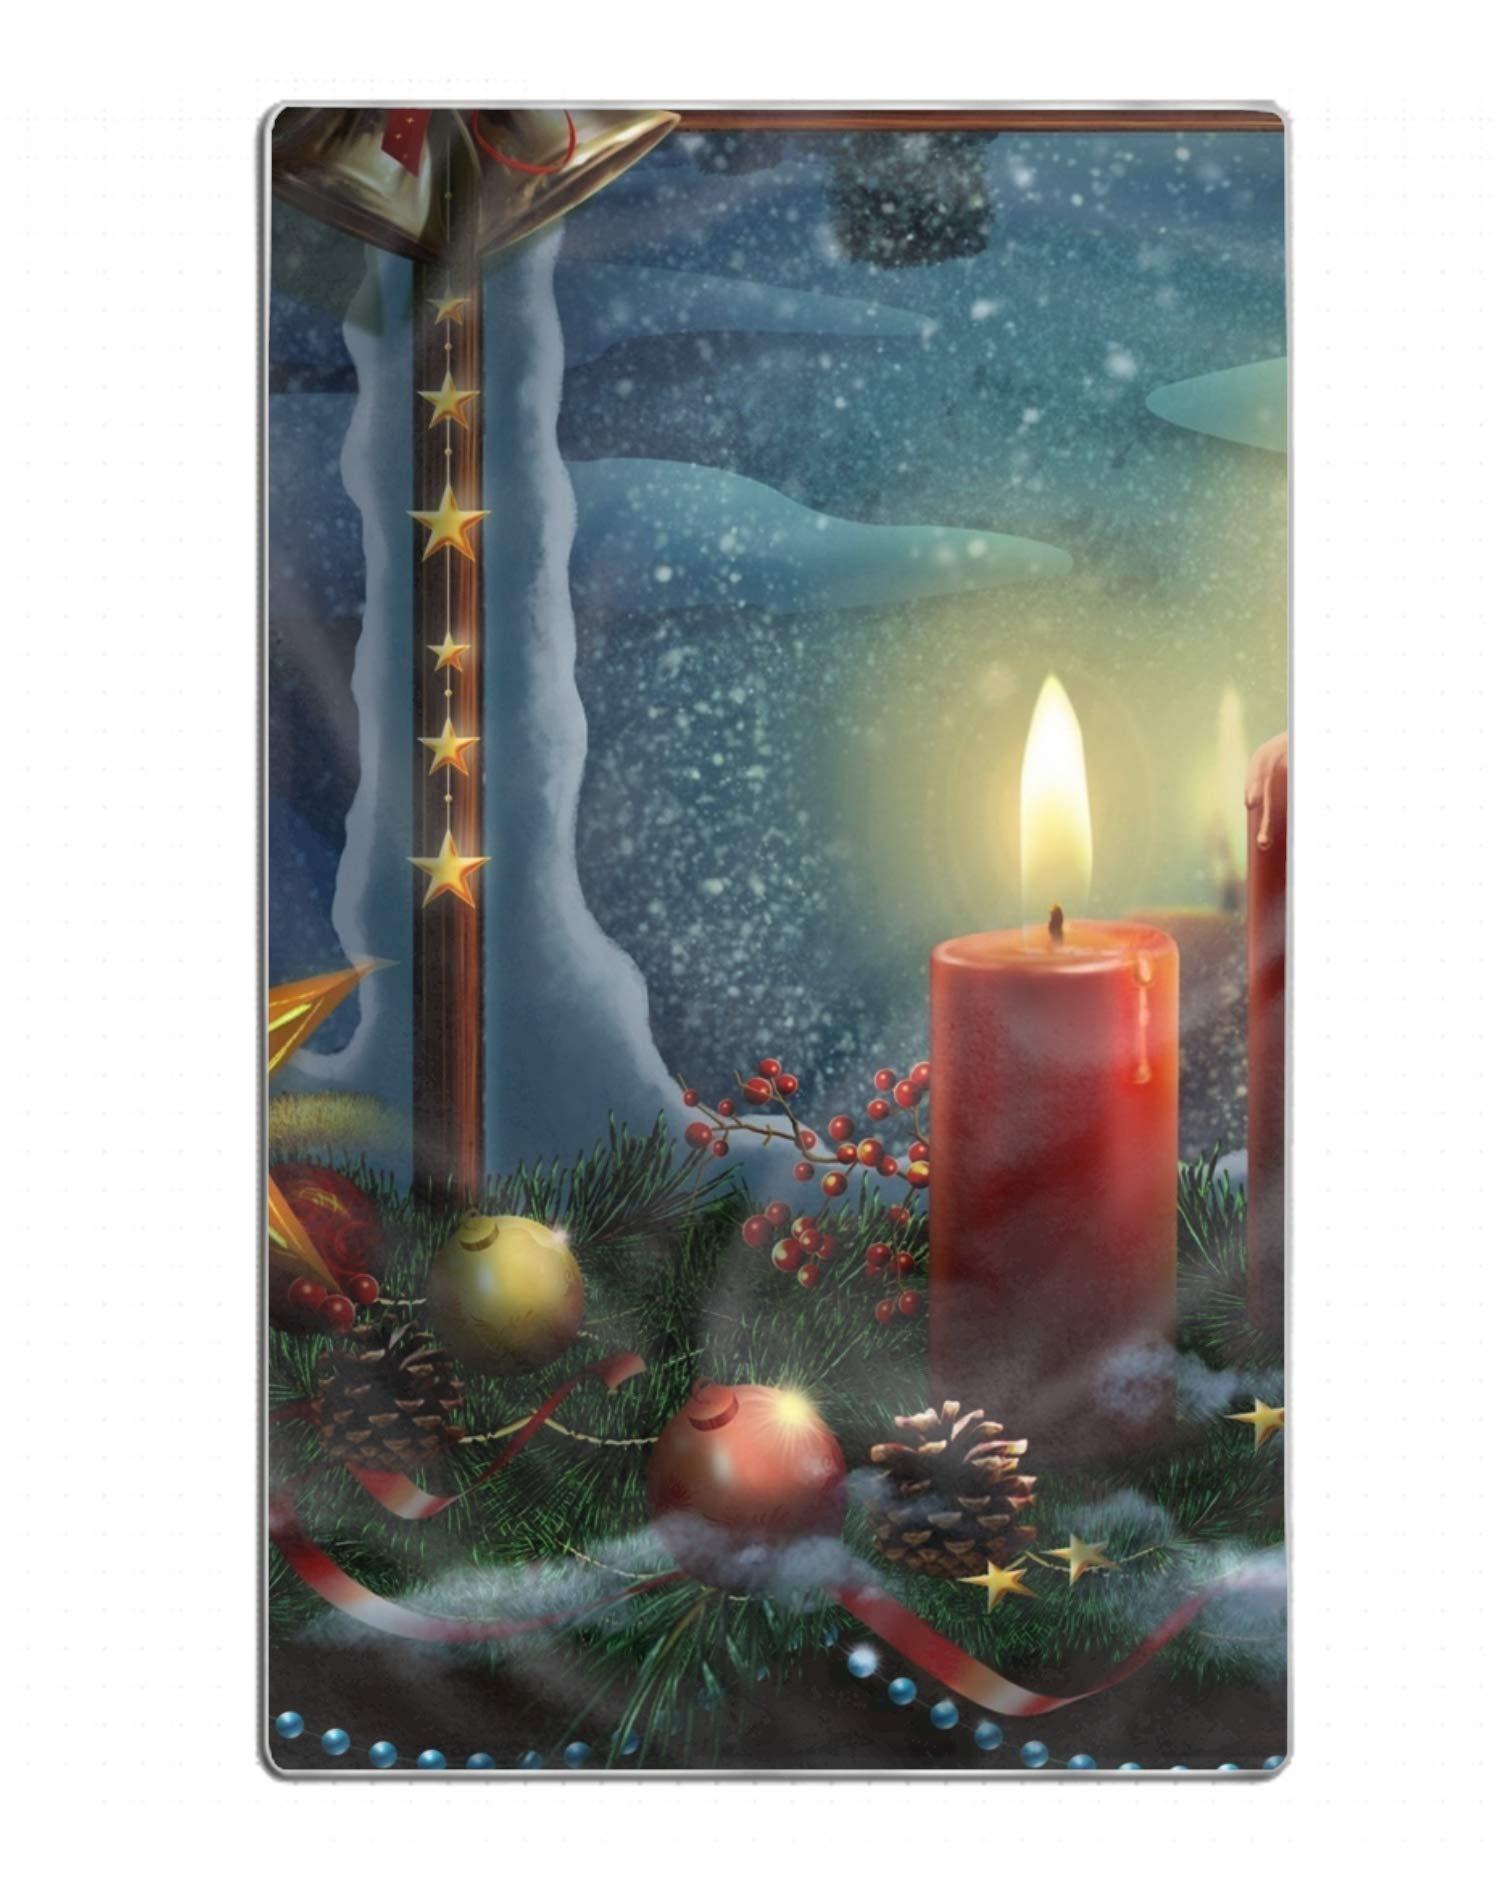 FGNZ Holiday Christmas Window Candle Ornaments Snow Star Custom Luxury Bath Towel for Beach, Spa, Pool, Bath, Gym 31.5 by 51 Inch